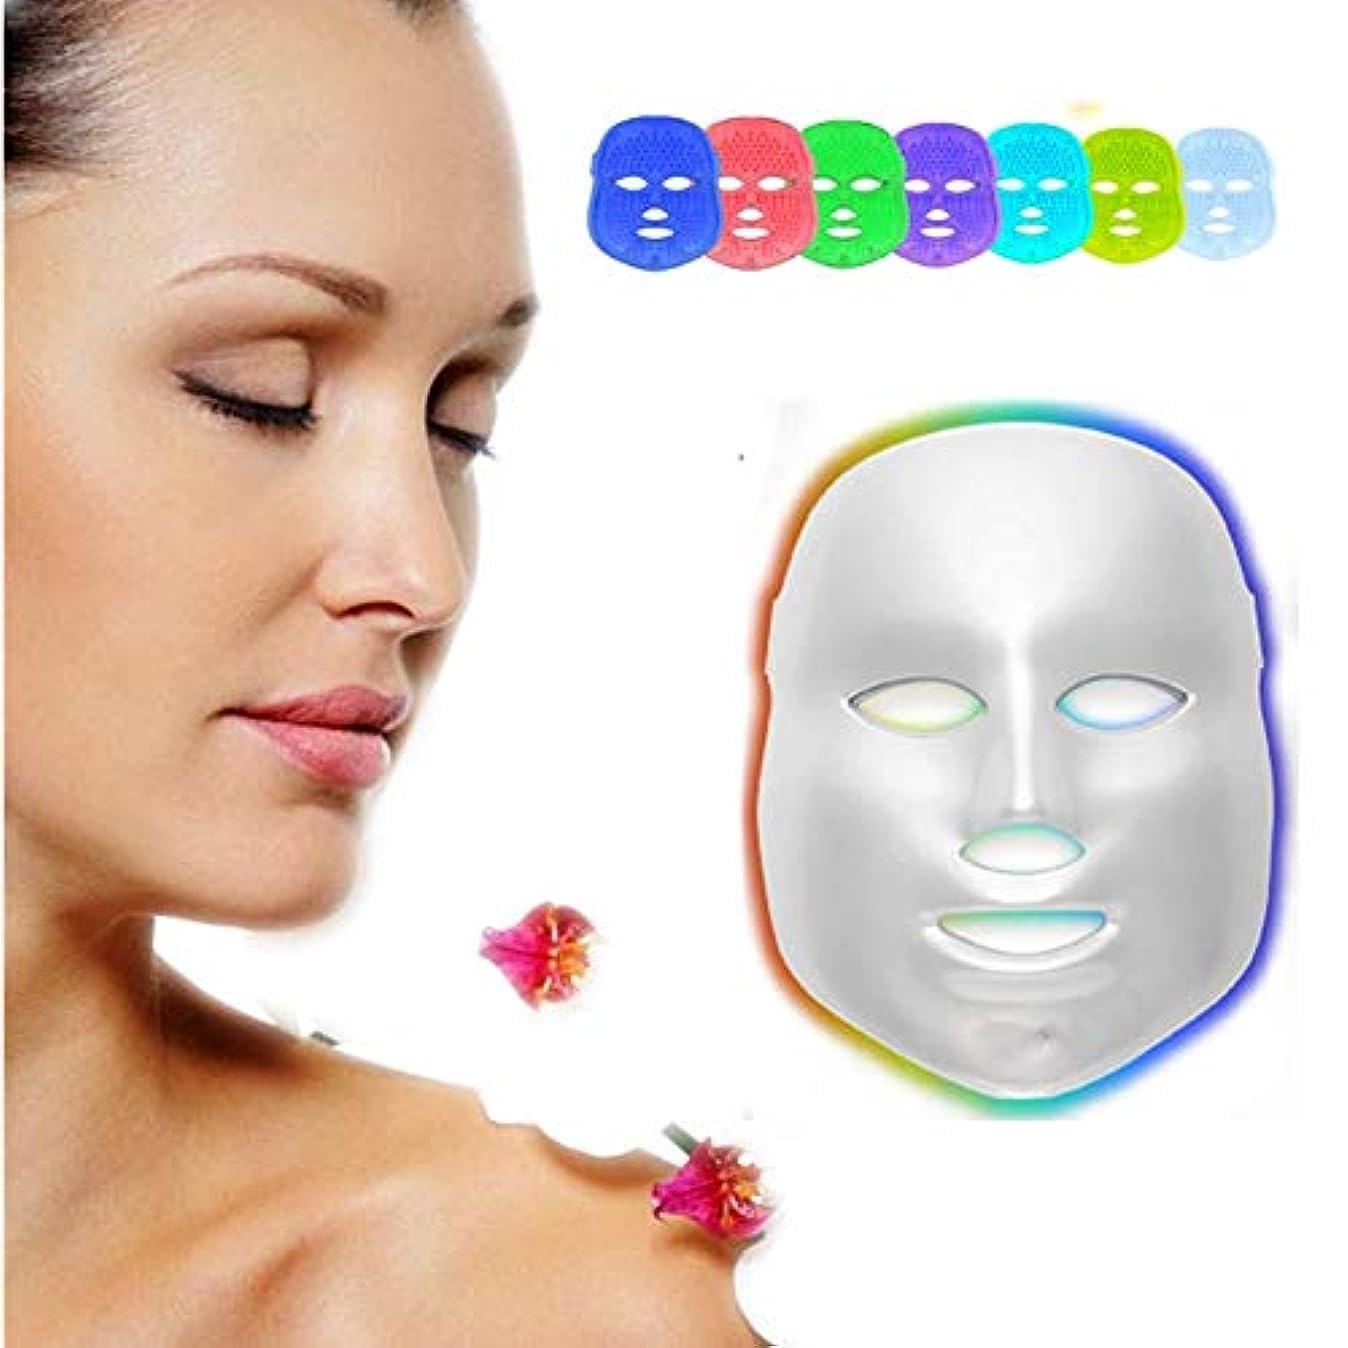 見る人がんばり続ける購入LEDPhōton療法7色光治療マスク美容機器肌の若返りタイトにきびスポット分解メラニンしわホワイトニングフェイシャル